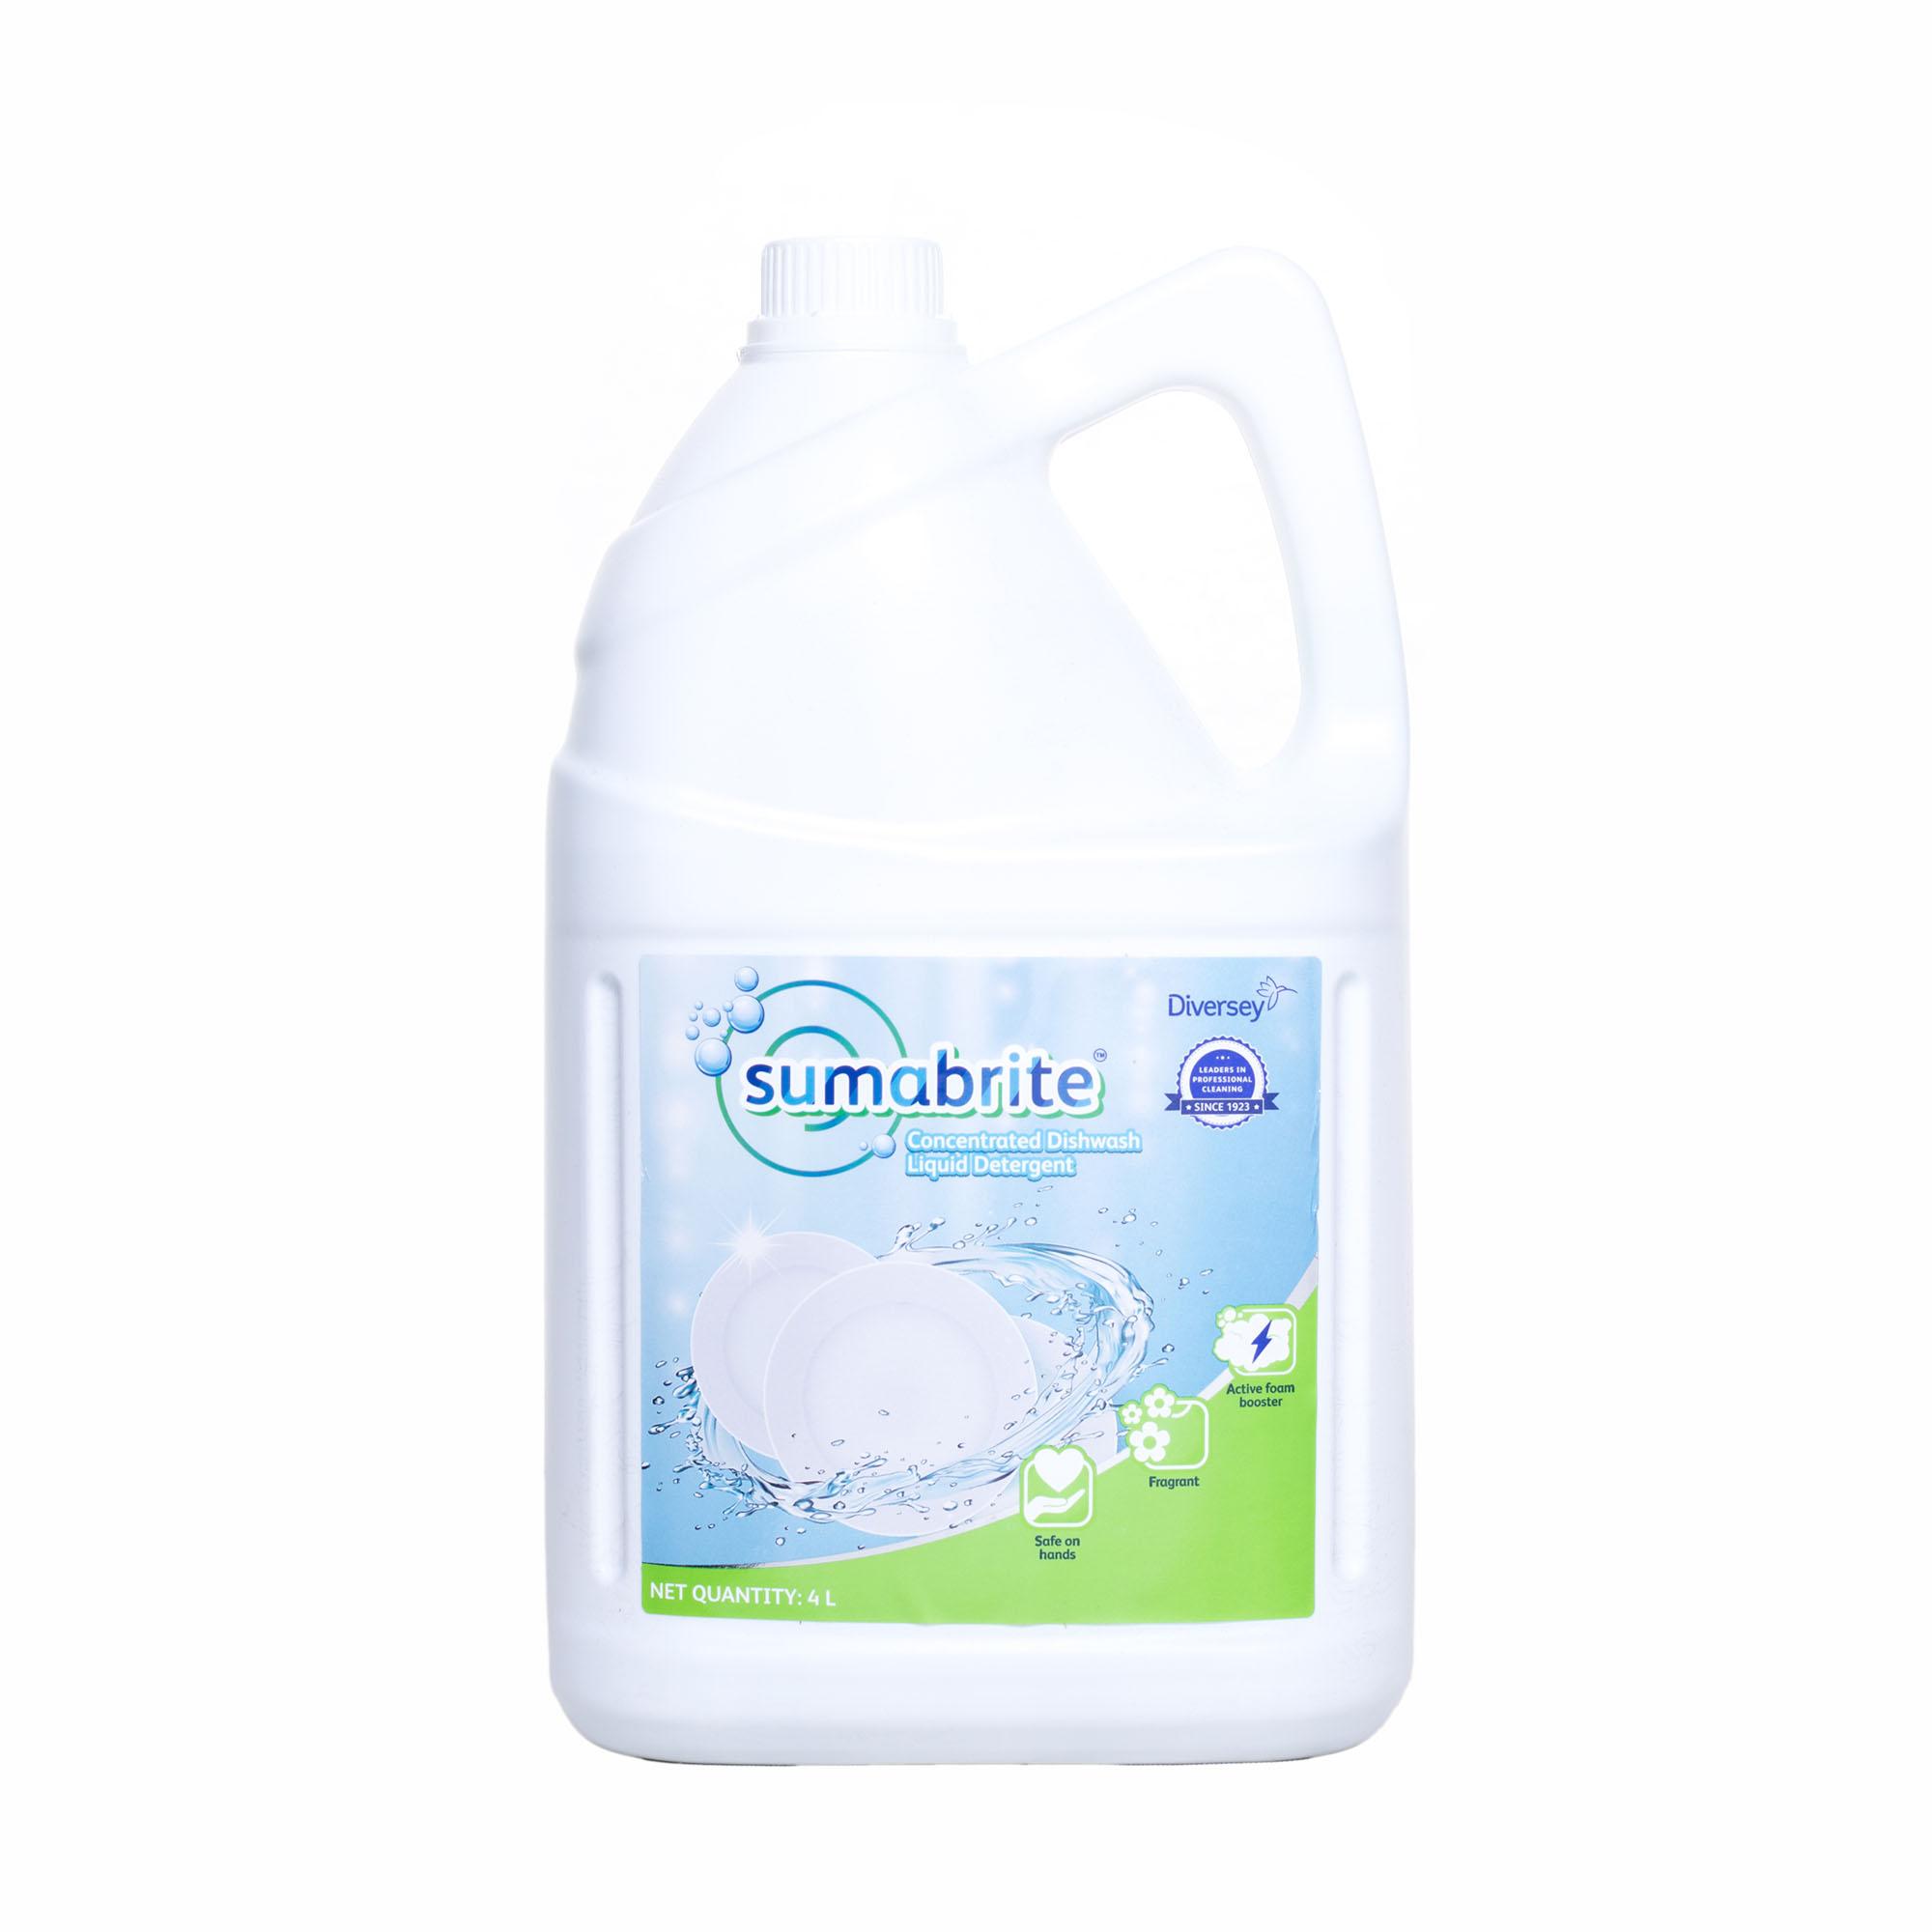 sumabrite%20Concentratred%20Dishwash%20Liquid%20Detergent%20%28Front%292000x2000.jpg